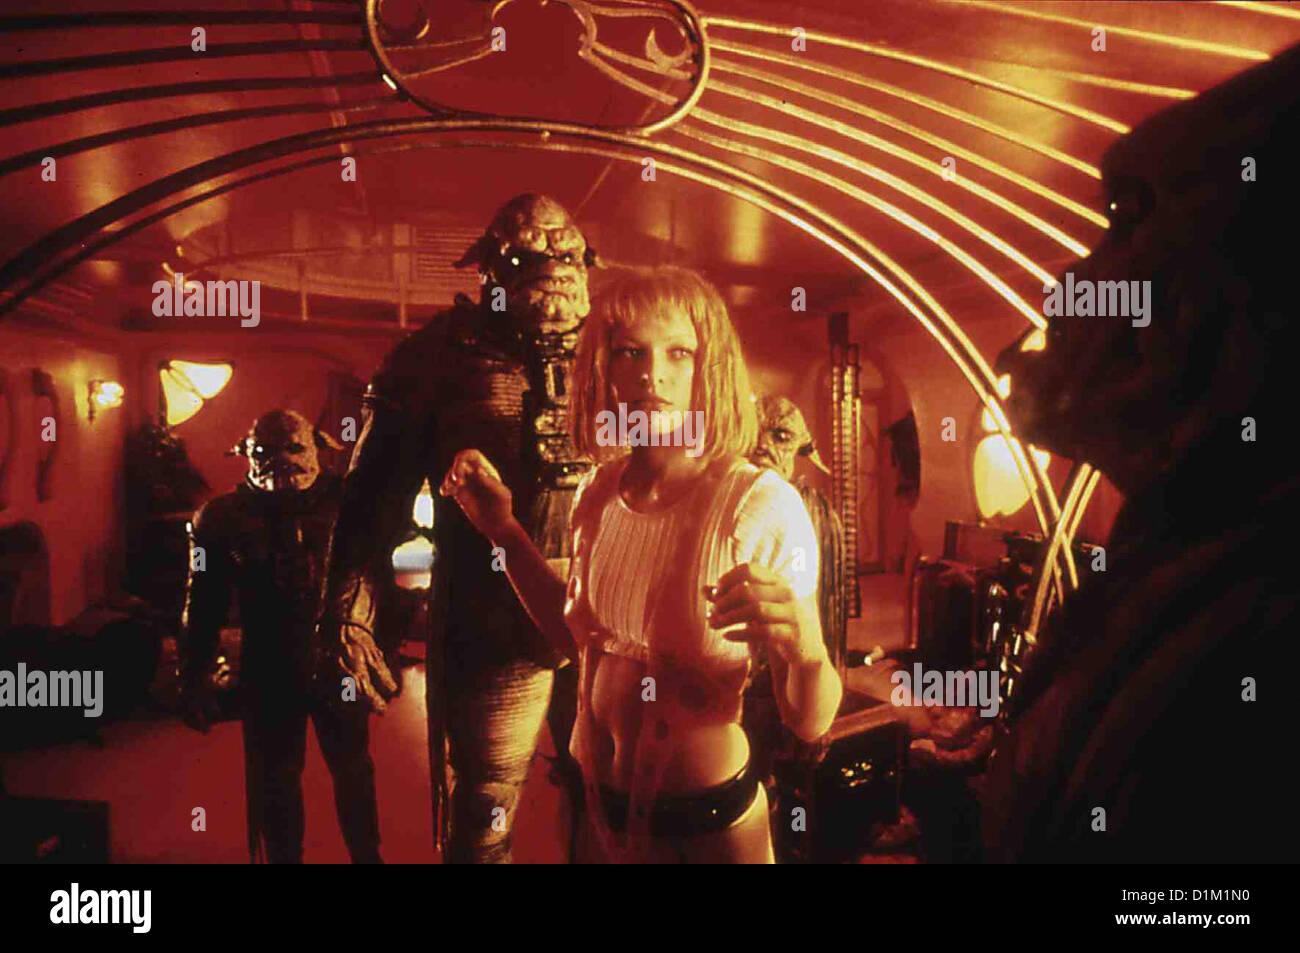 Das Fuenfte Element  Fifth Element,  Milla Jovovich Die geklonte, mit uebermenschlichen Kraeften ausgestattete Leeloo - Stock Image